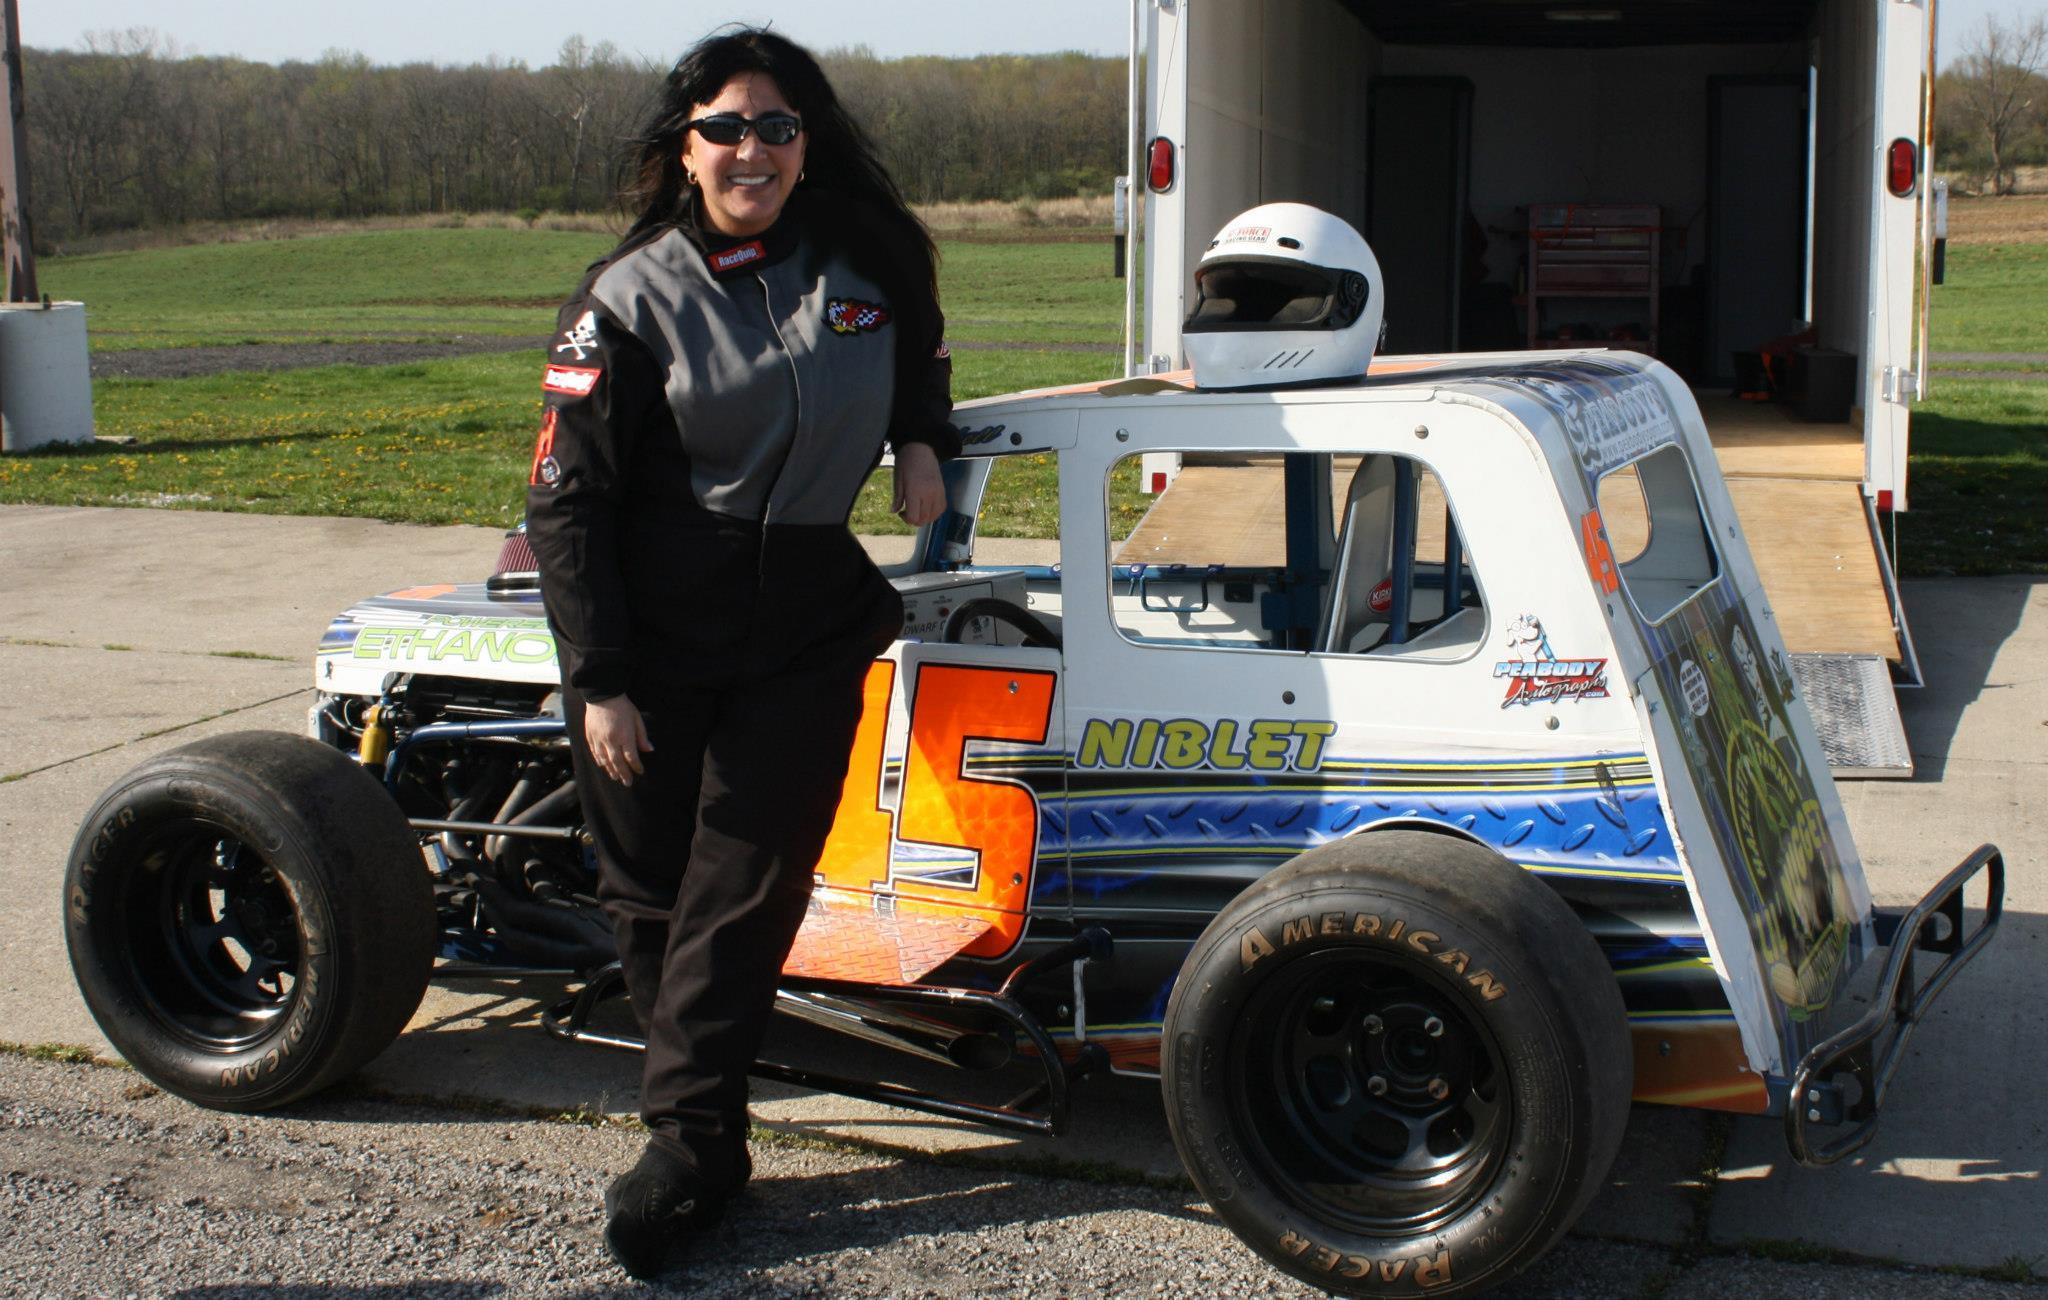 Lynn Mitchell Racing